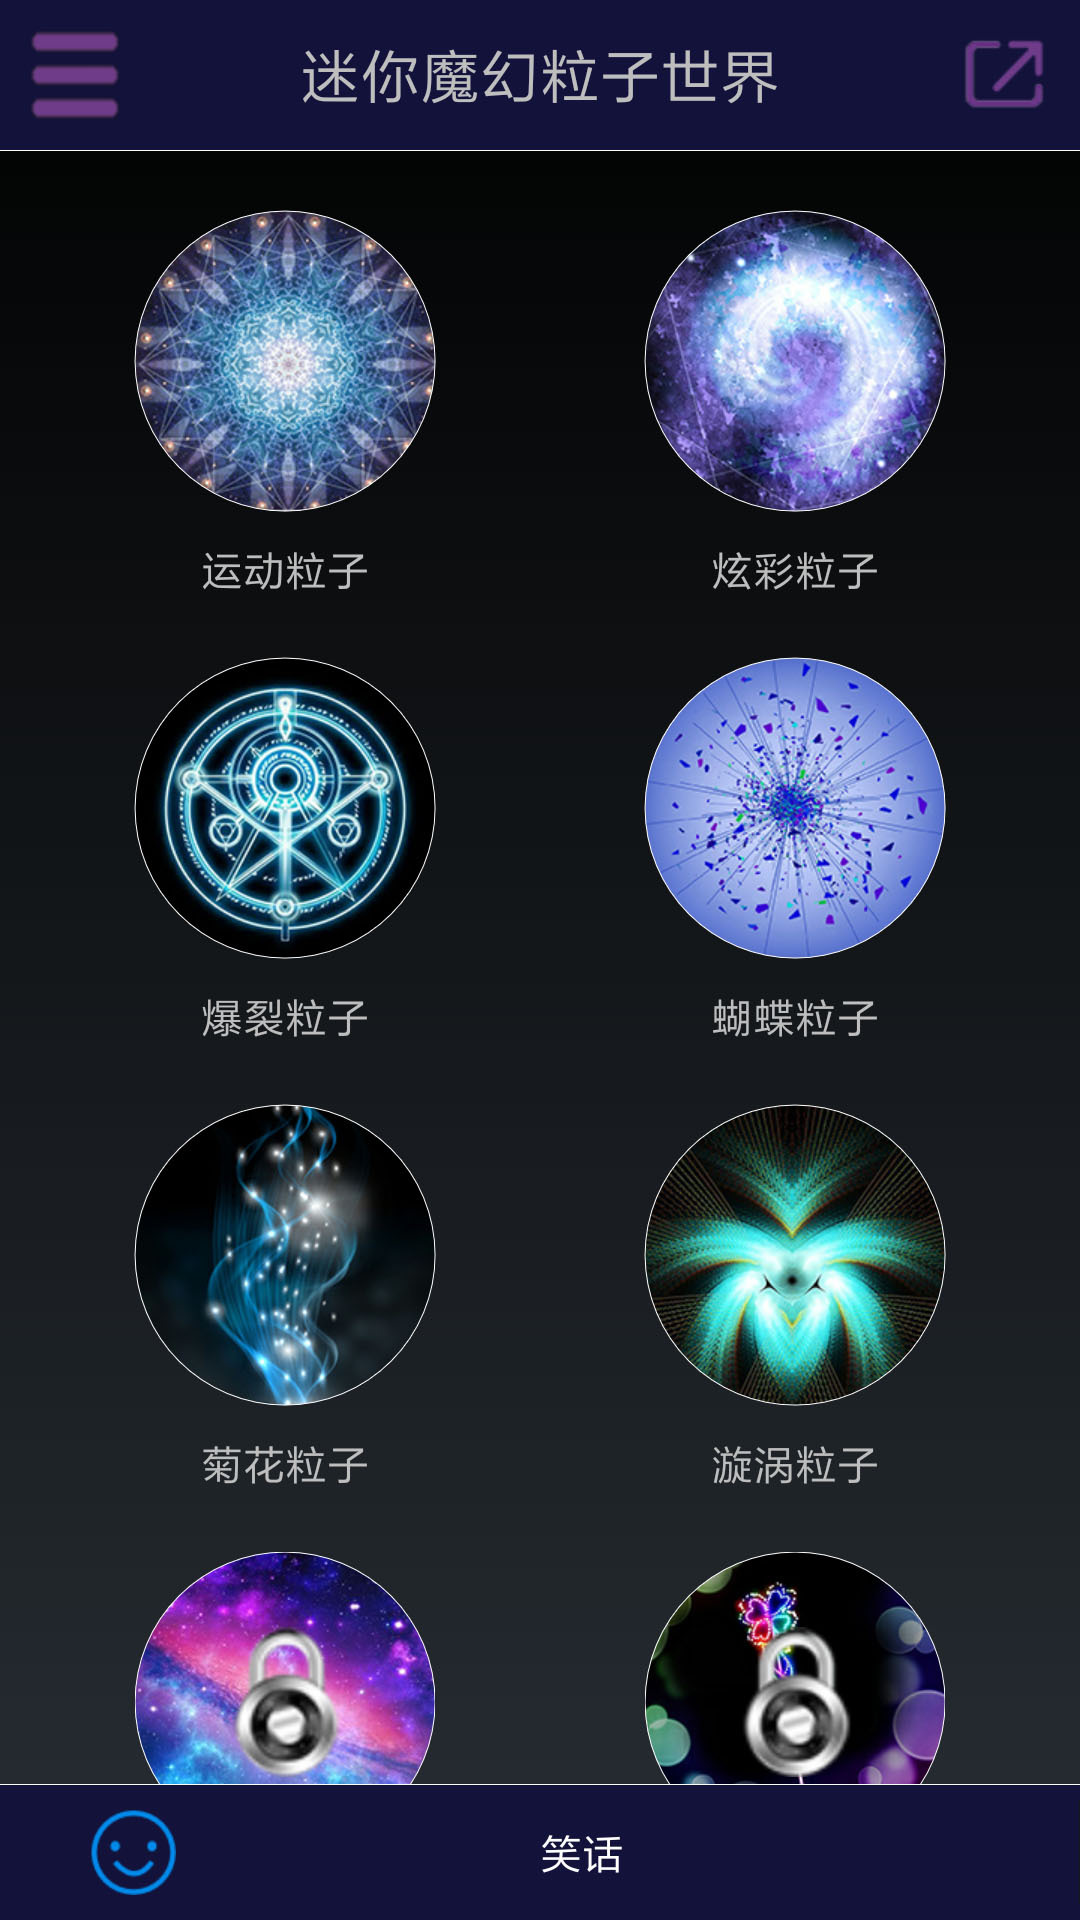 迷你魔幻粒子世界 V1.5 安卓版截图4